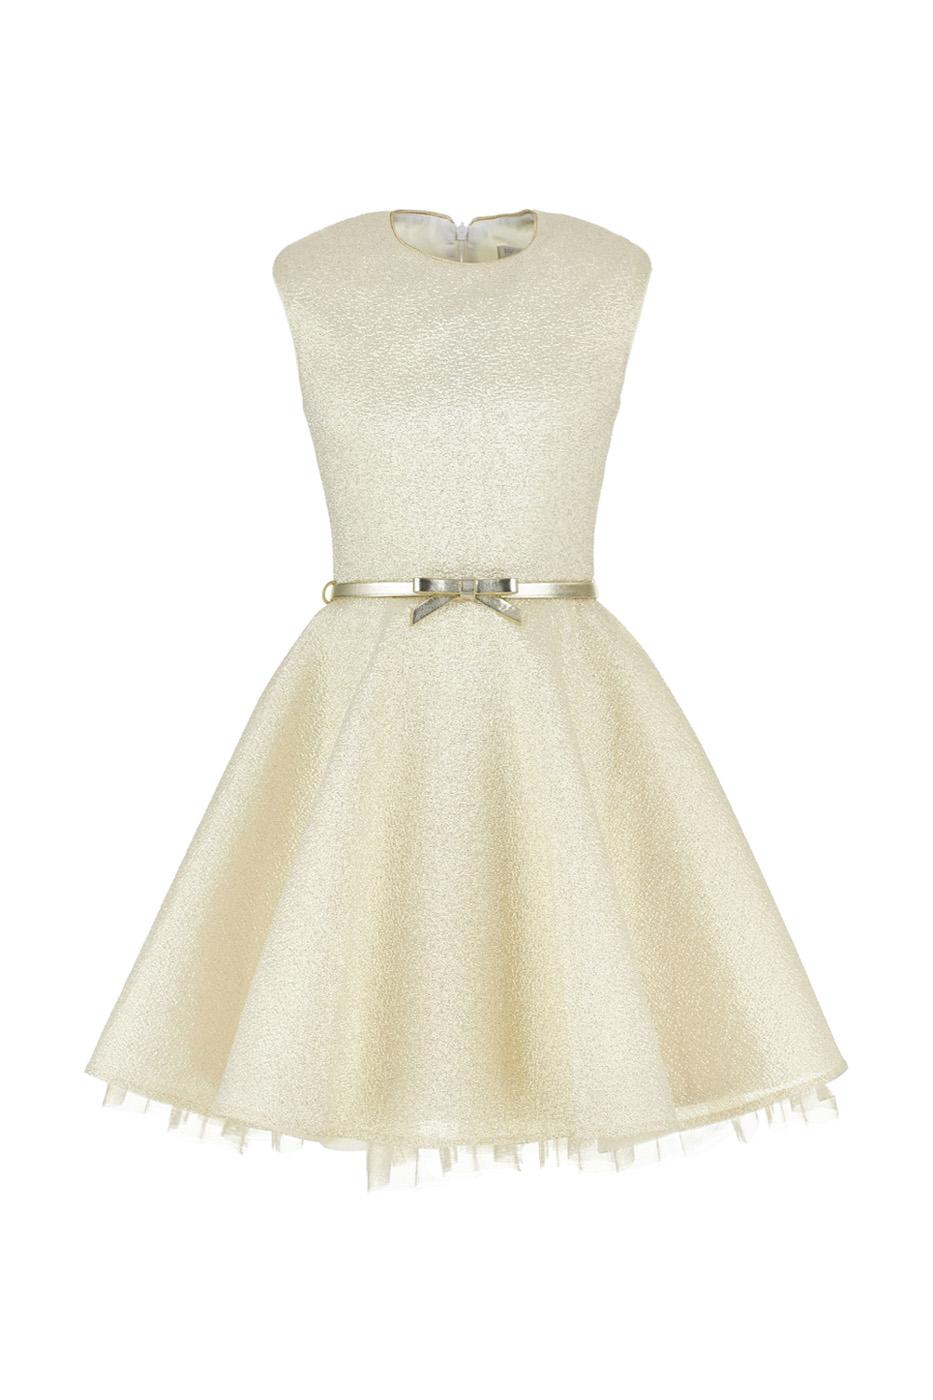 Купить Платье Silver Spoon Ceremony, цв.золотой, 164 р-р., Детские платья и сарафаны